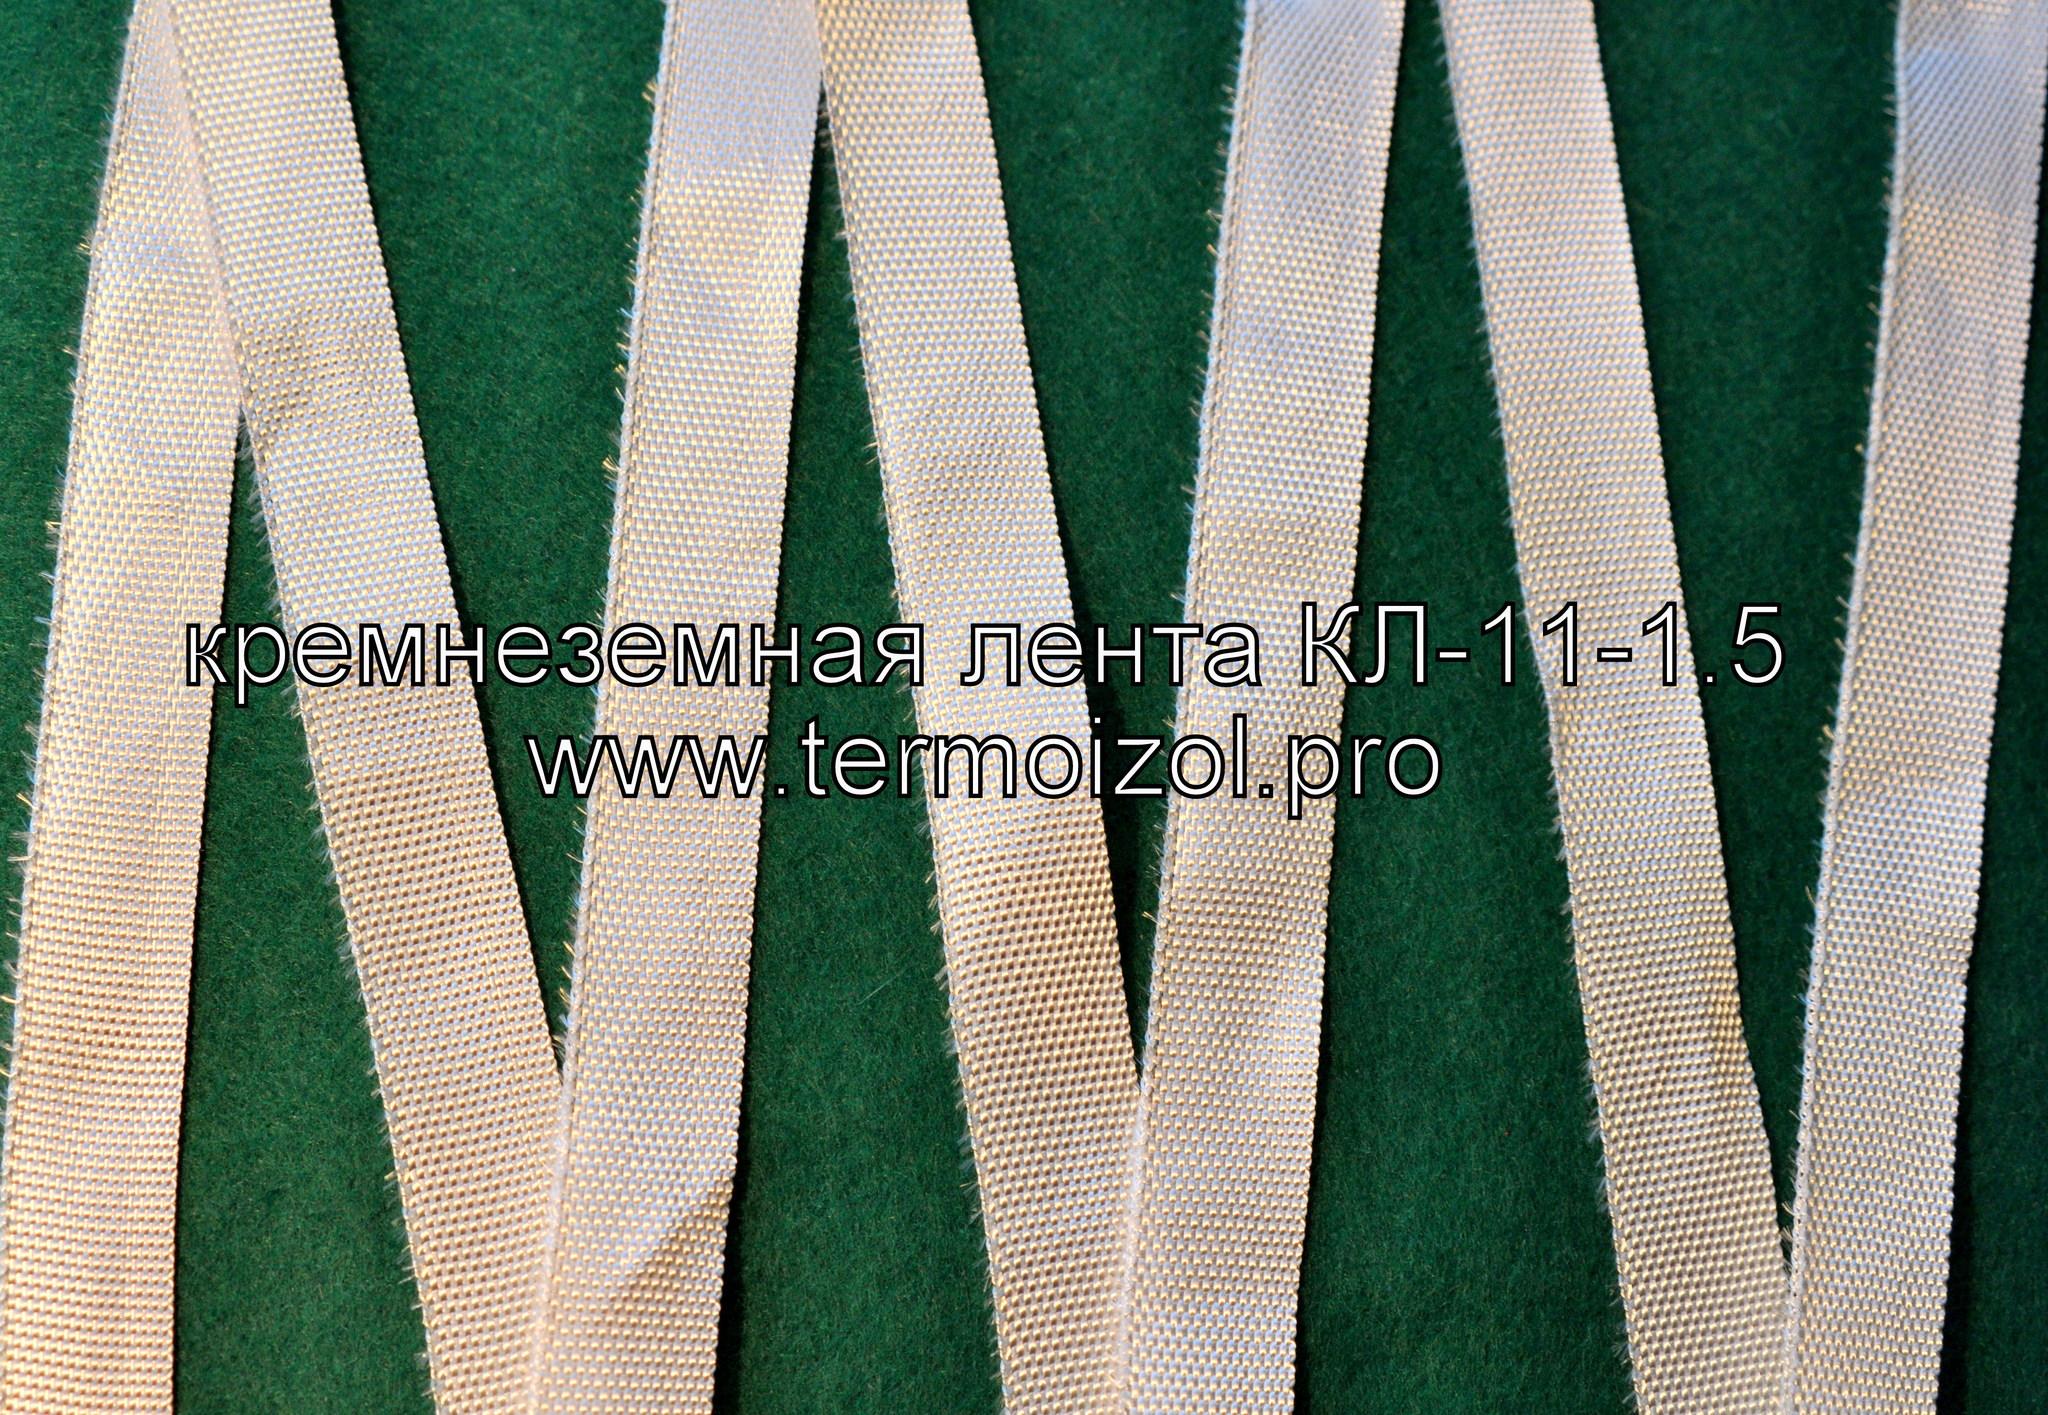 Кремнеземная лента КЛ-11-1.5